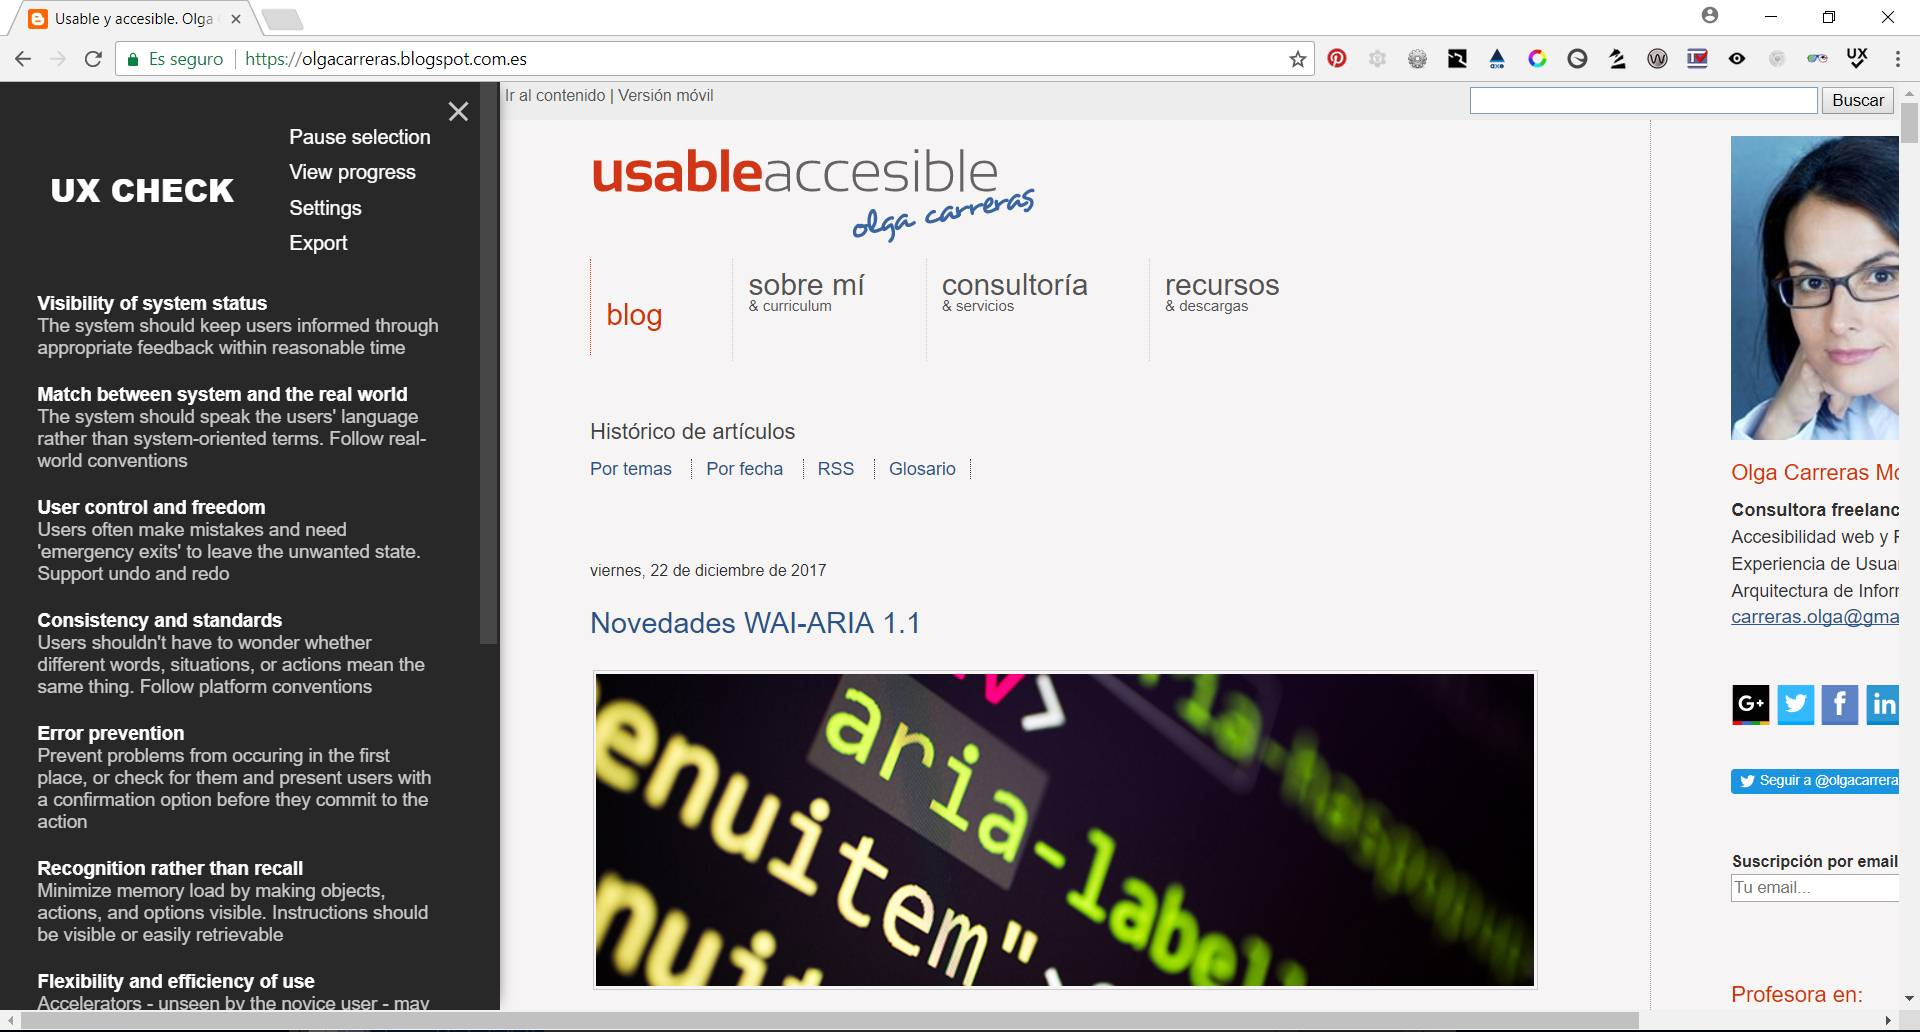 UX Check activado en el navegador. En el lateral izquierdo el listado de heurísticas y el menú (Pause, View Progress, Settings y Export). En la zona central la página web.